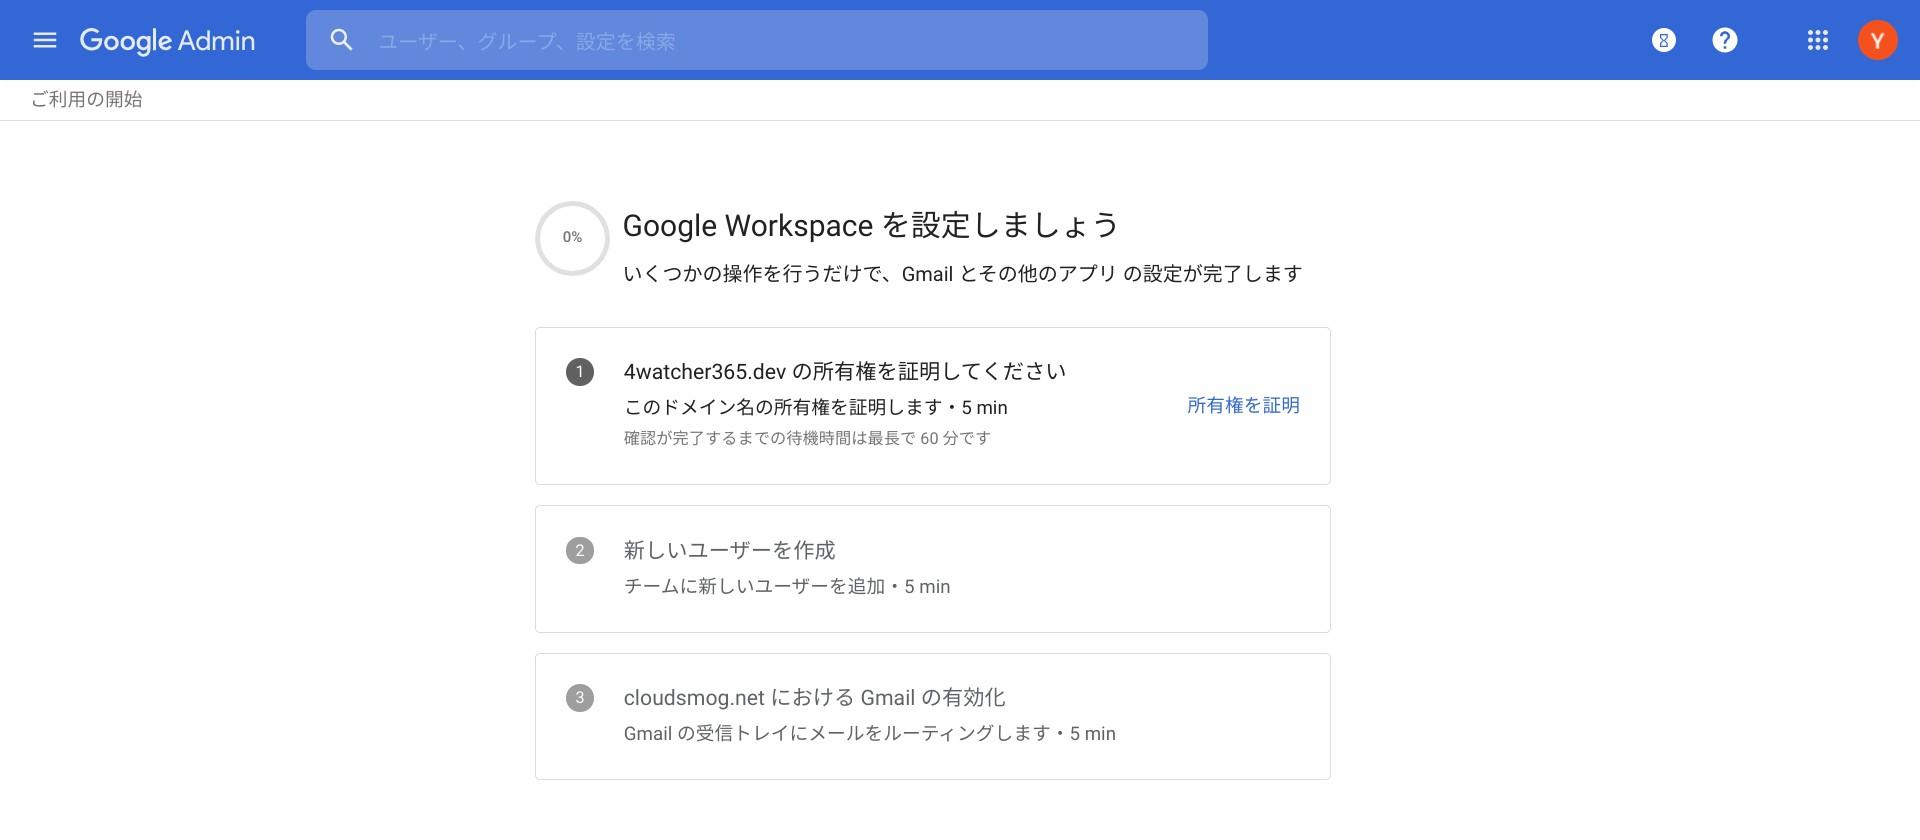 Google 管理コンソール:所有権を証明してください